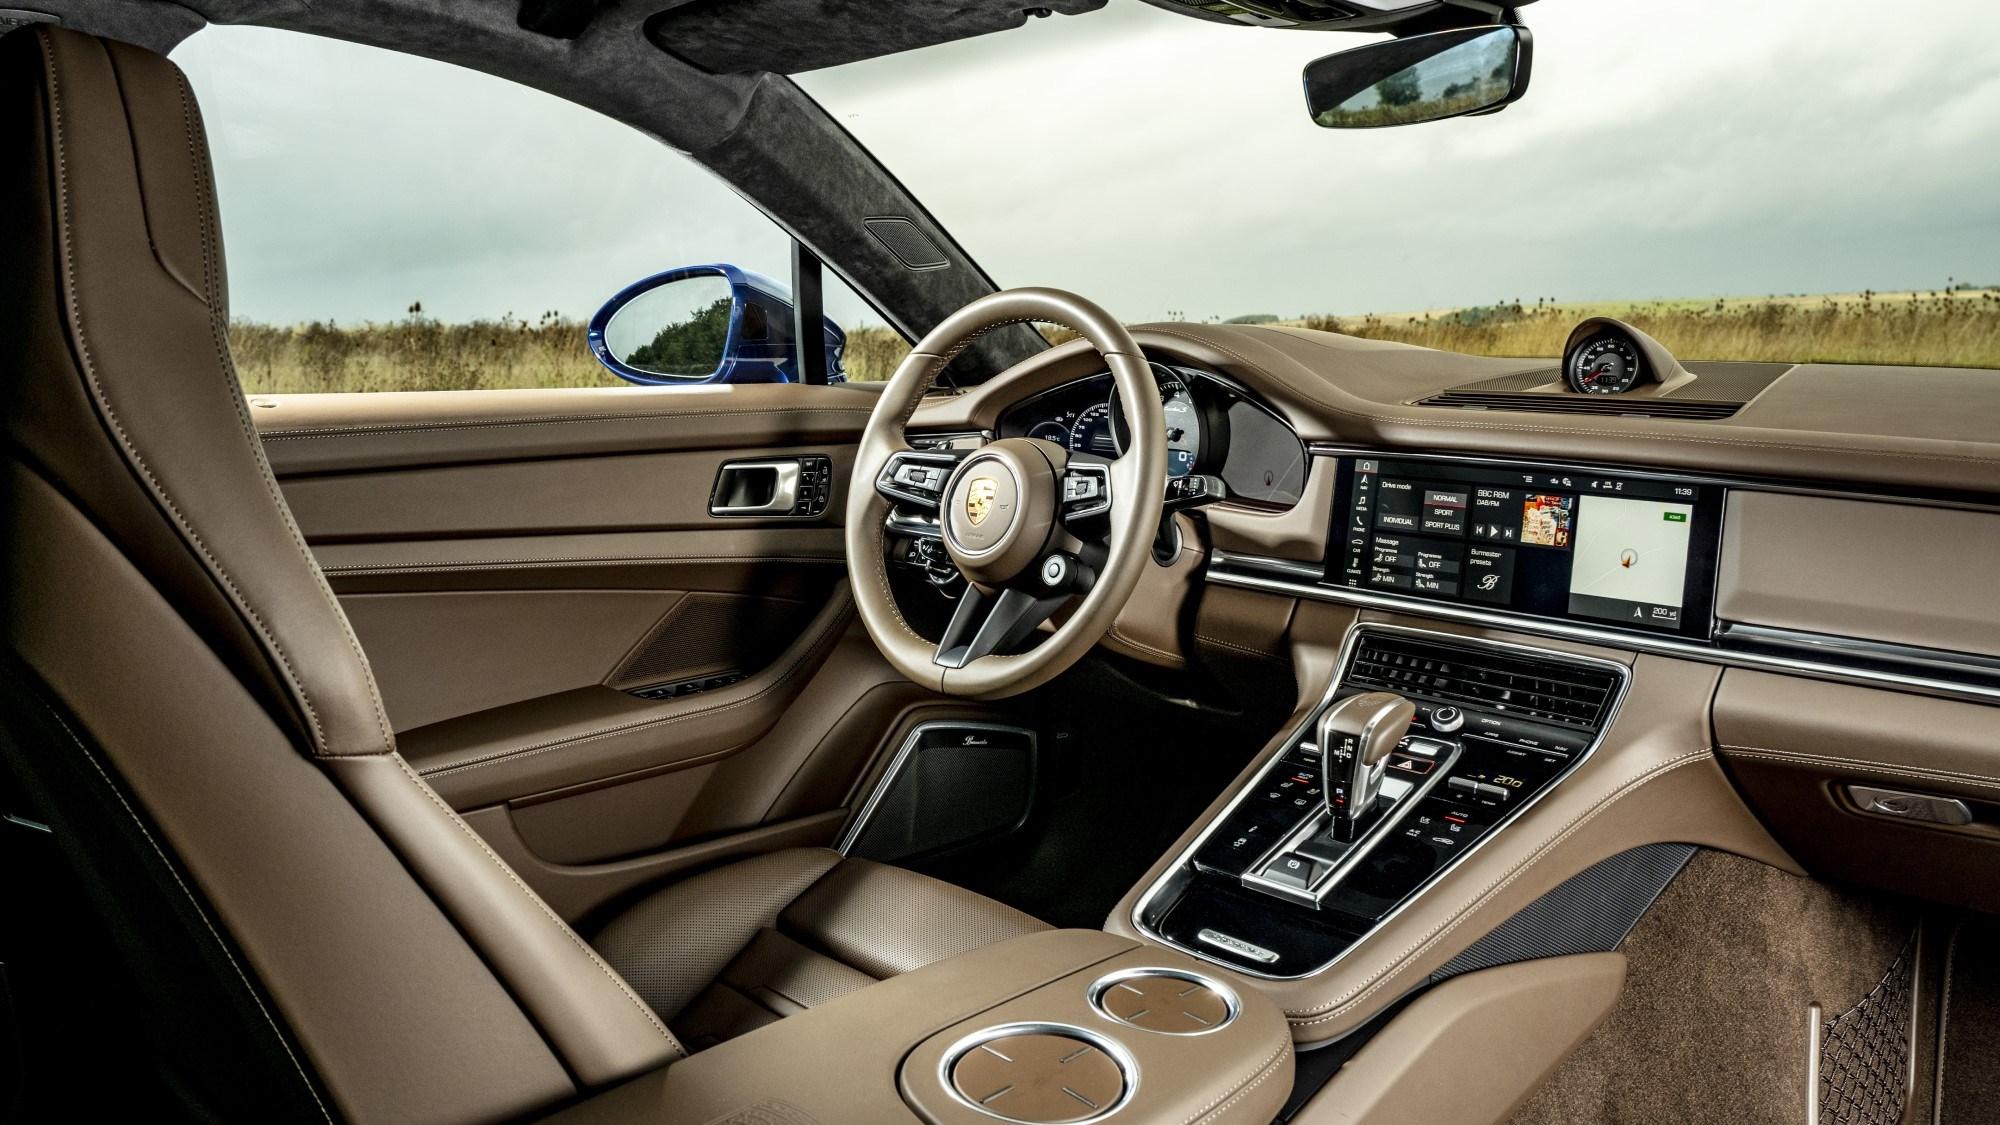 2020 Porsche Panamera Turbo S - interior